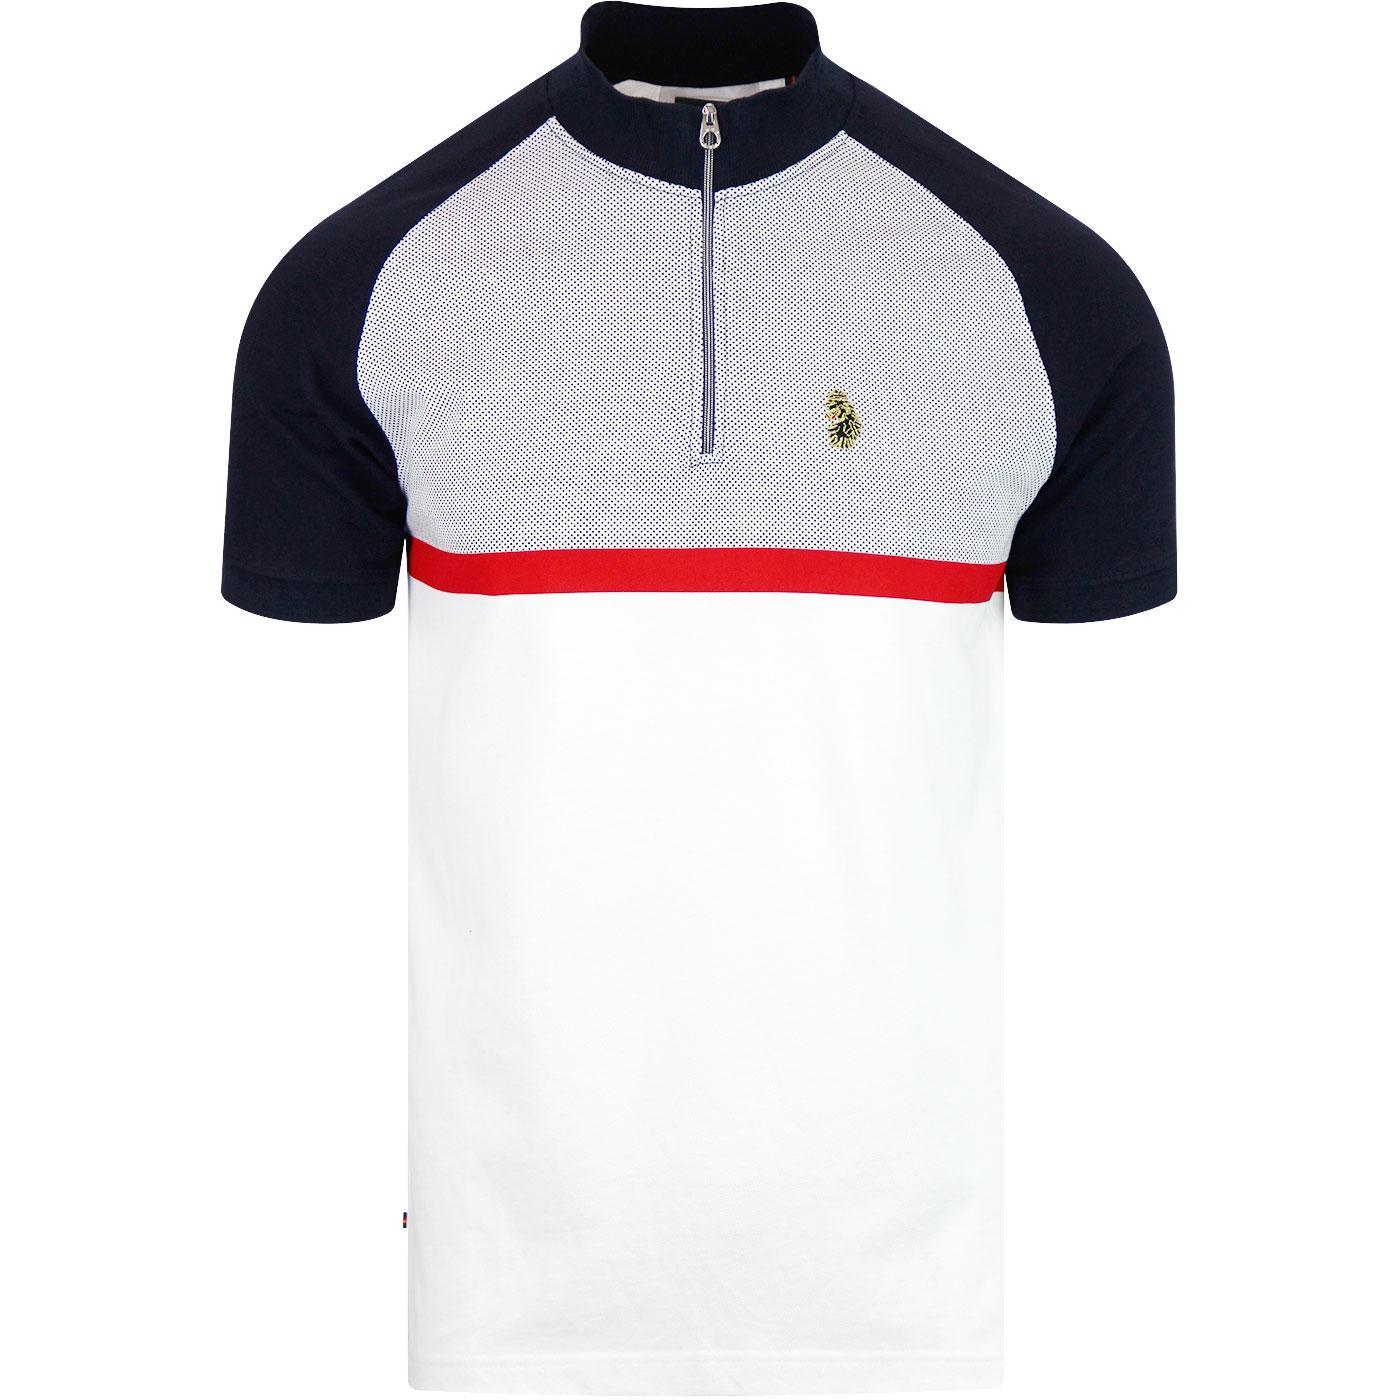 Classick LUKE Retro Mod Cycling Jersey (White)